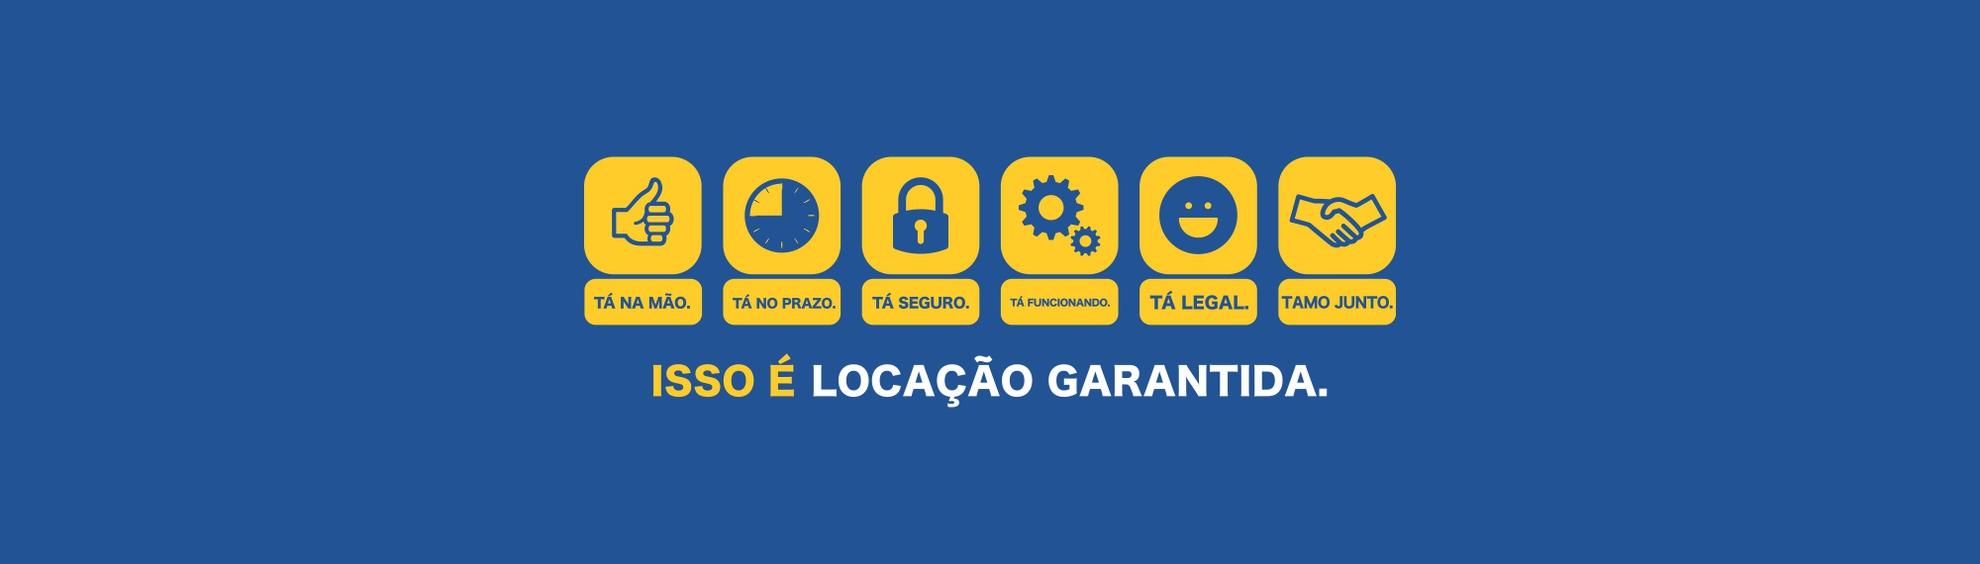 Banner Locação Garantida